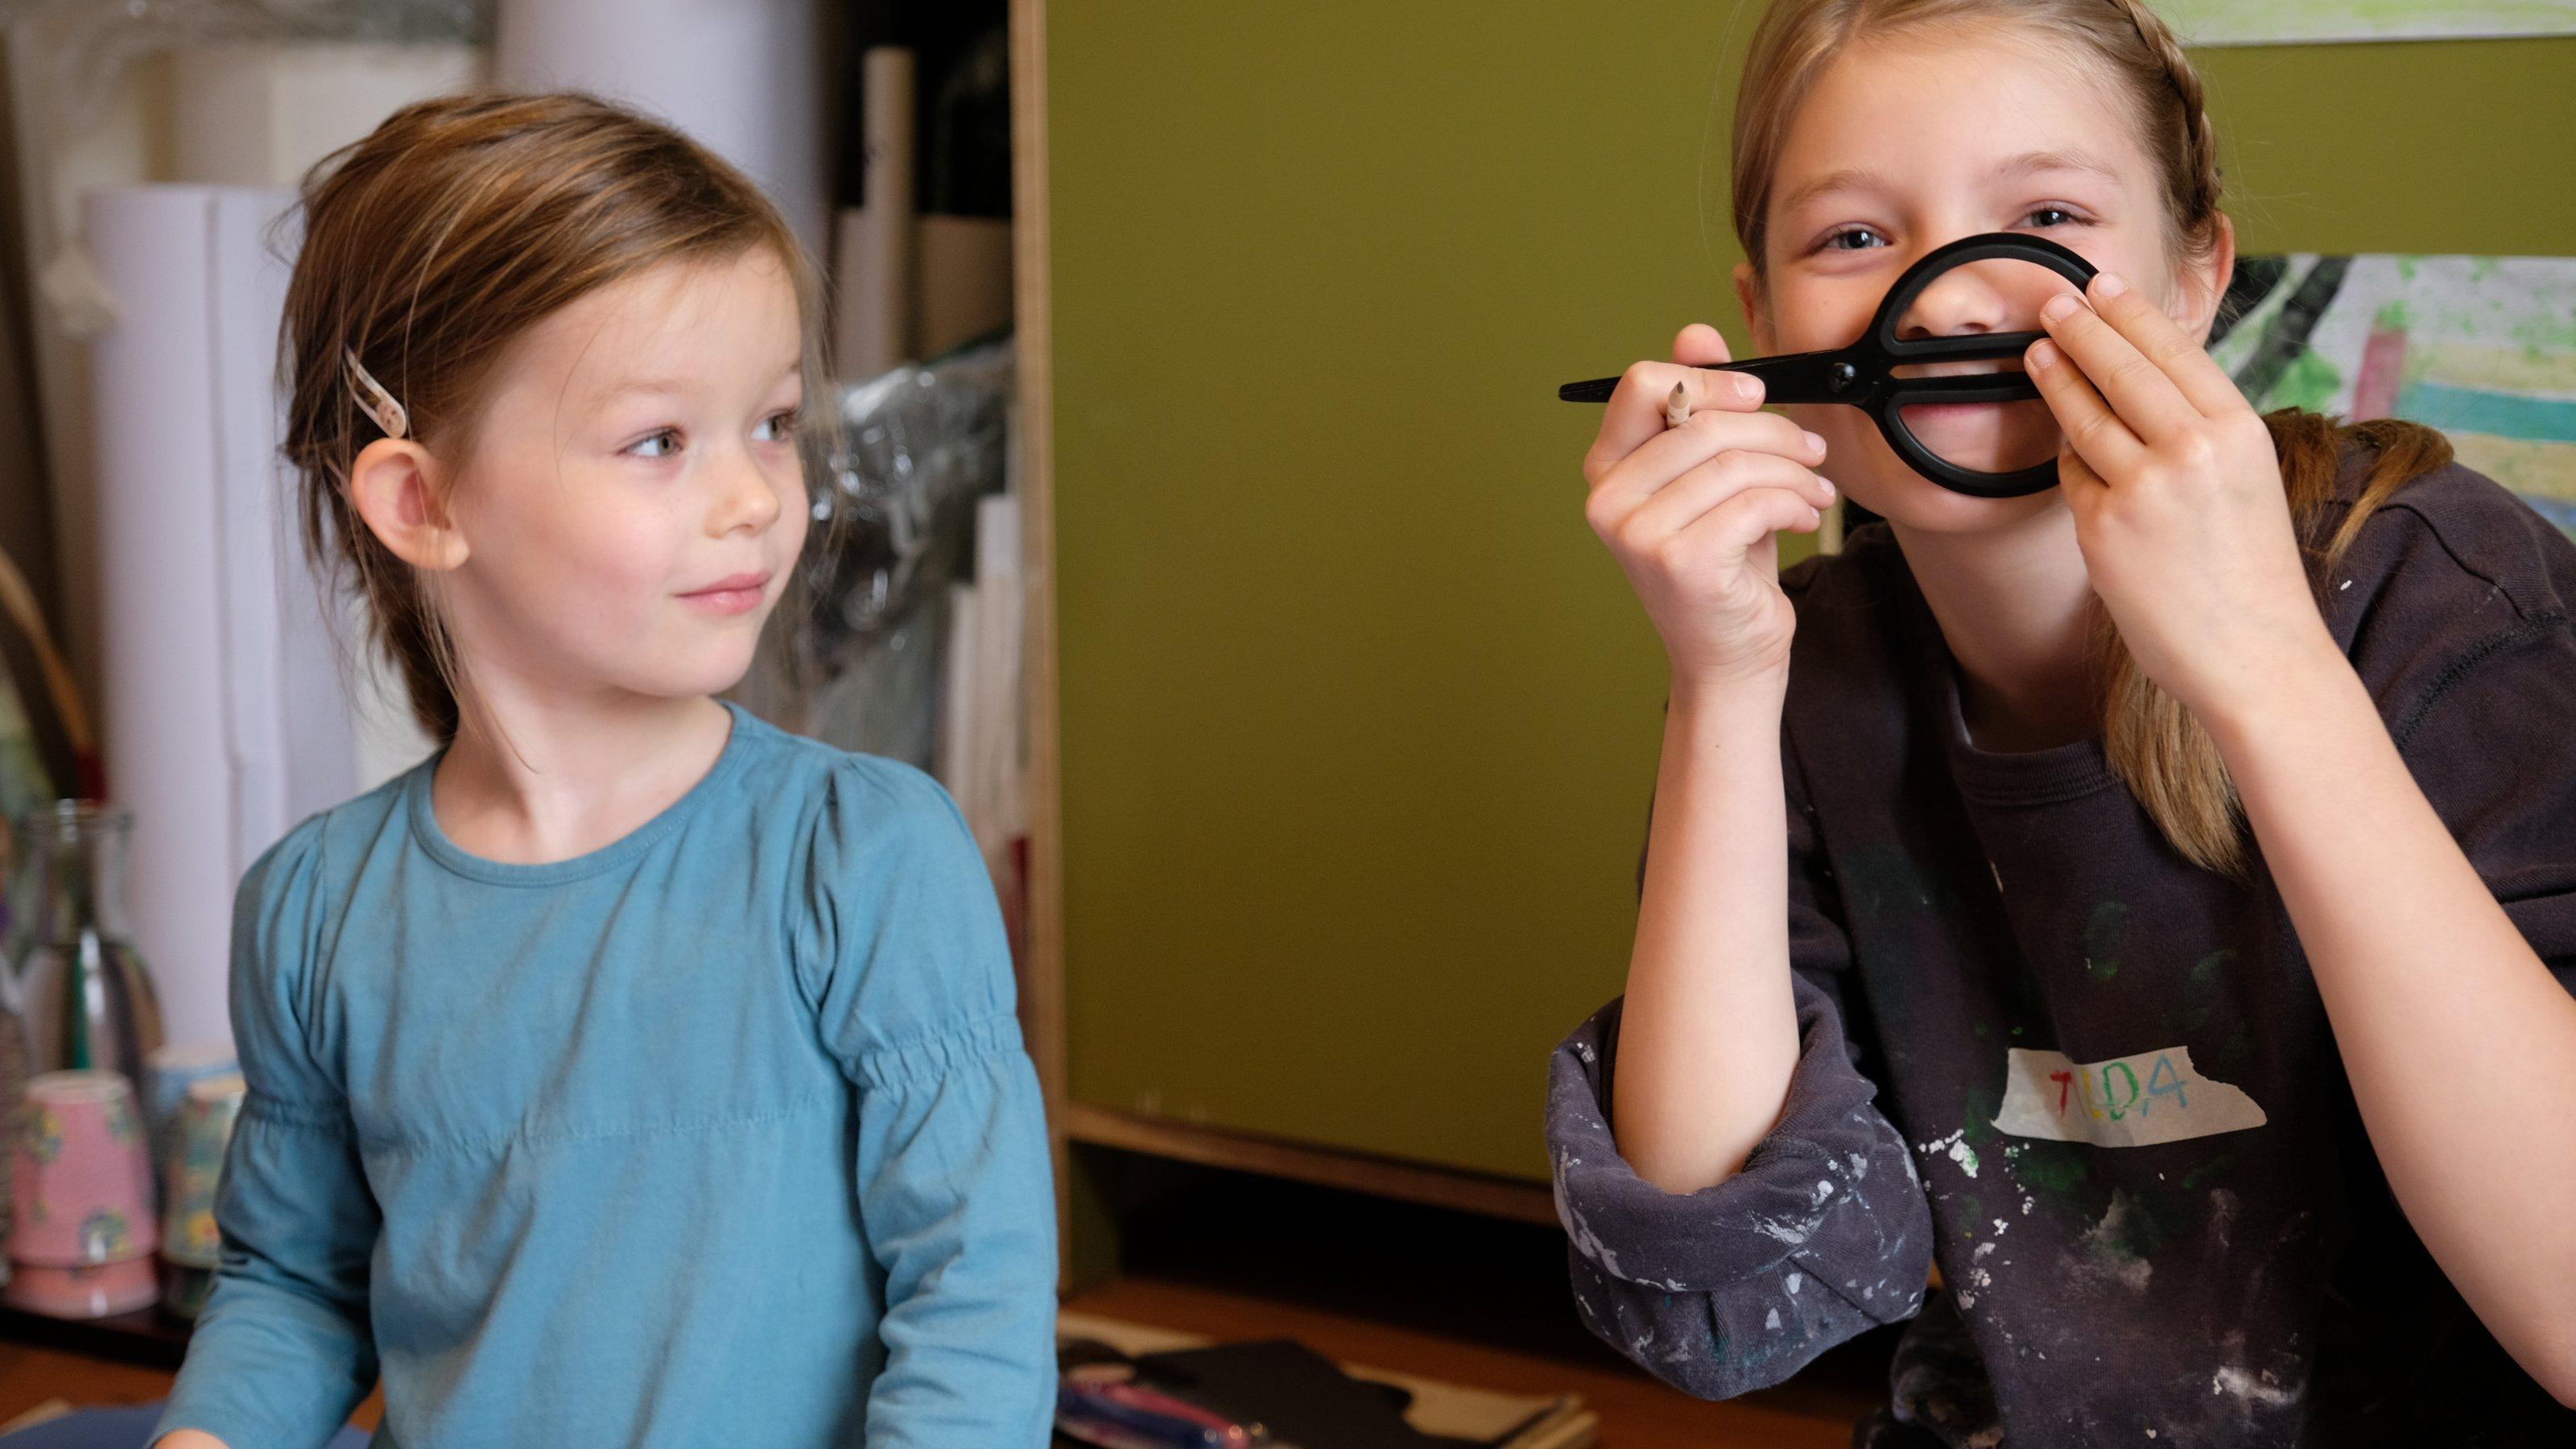 """Irma, ein fünfjähriges Mädchen, blickt auf ihre Schwester Tilda (10Jahre alt). Tilda guckt in die Kamera und macht Quatsch. Beide tragen alte Klamotten, die man dreckig machen kann. Sie wollen nämlich mit Farbe schmieren und Kunst machen """"wie Paul Klee"""". Im Hintergrund stehen große Papierrollen an der Wand."""